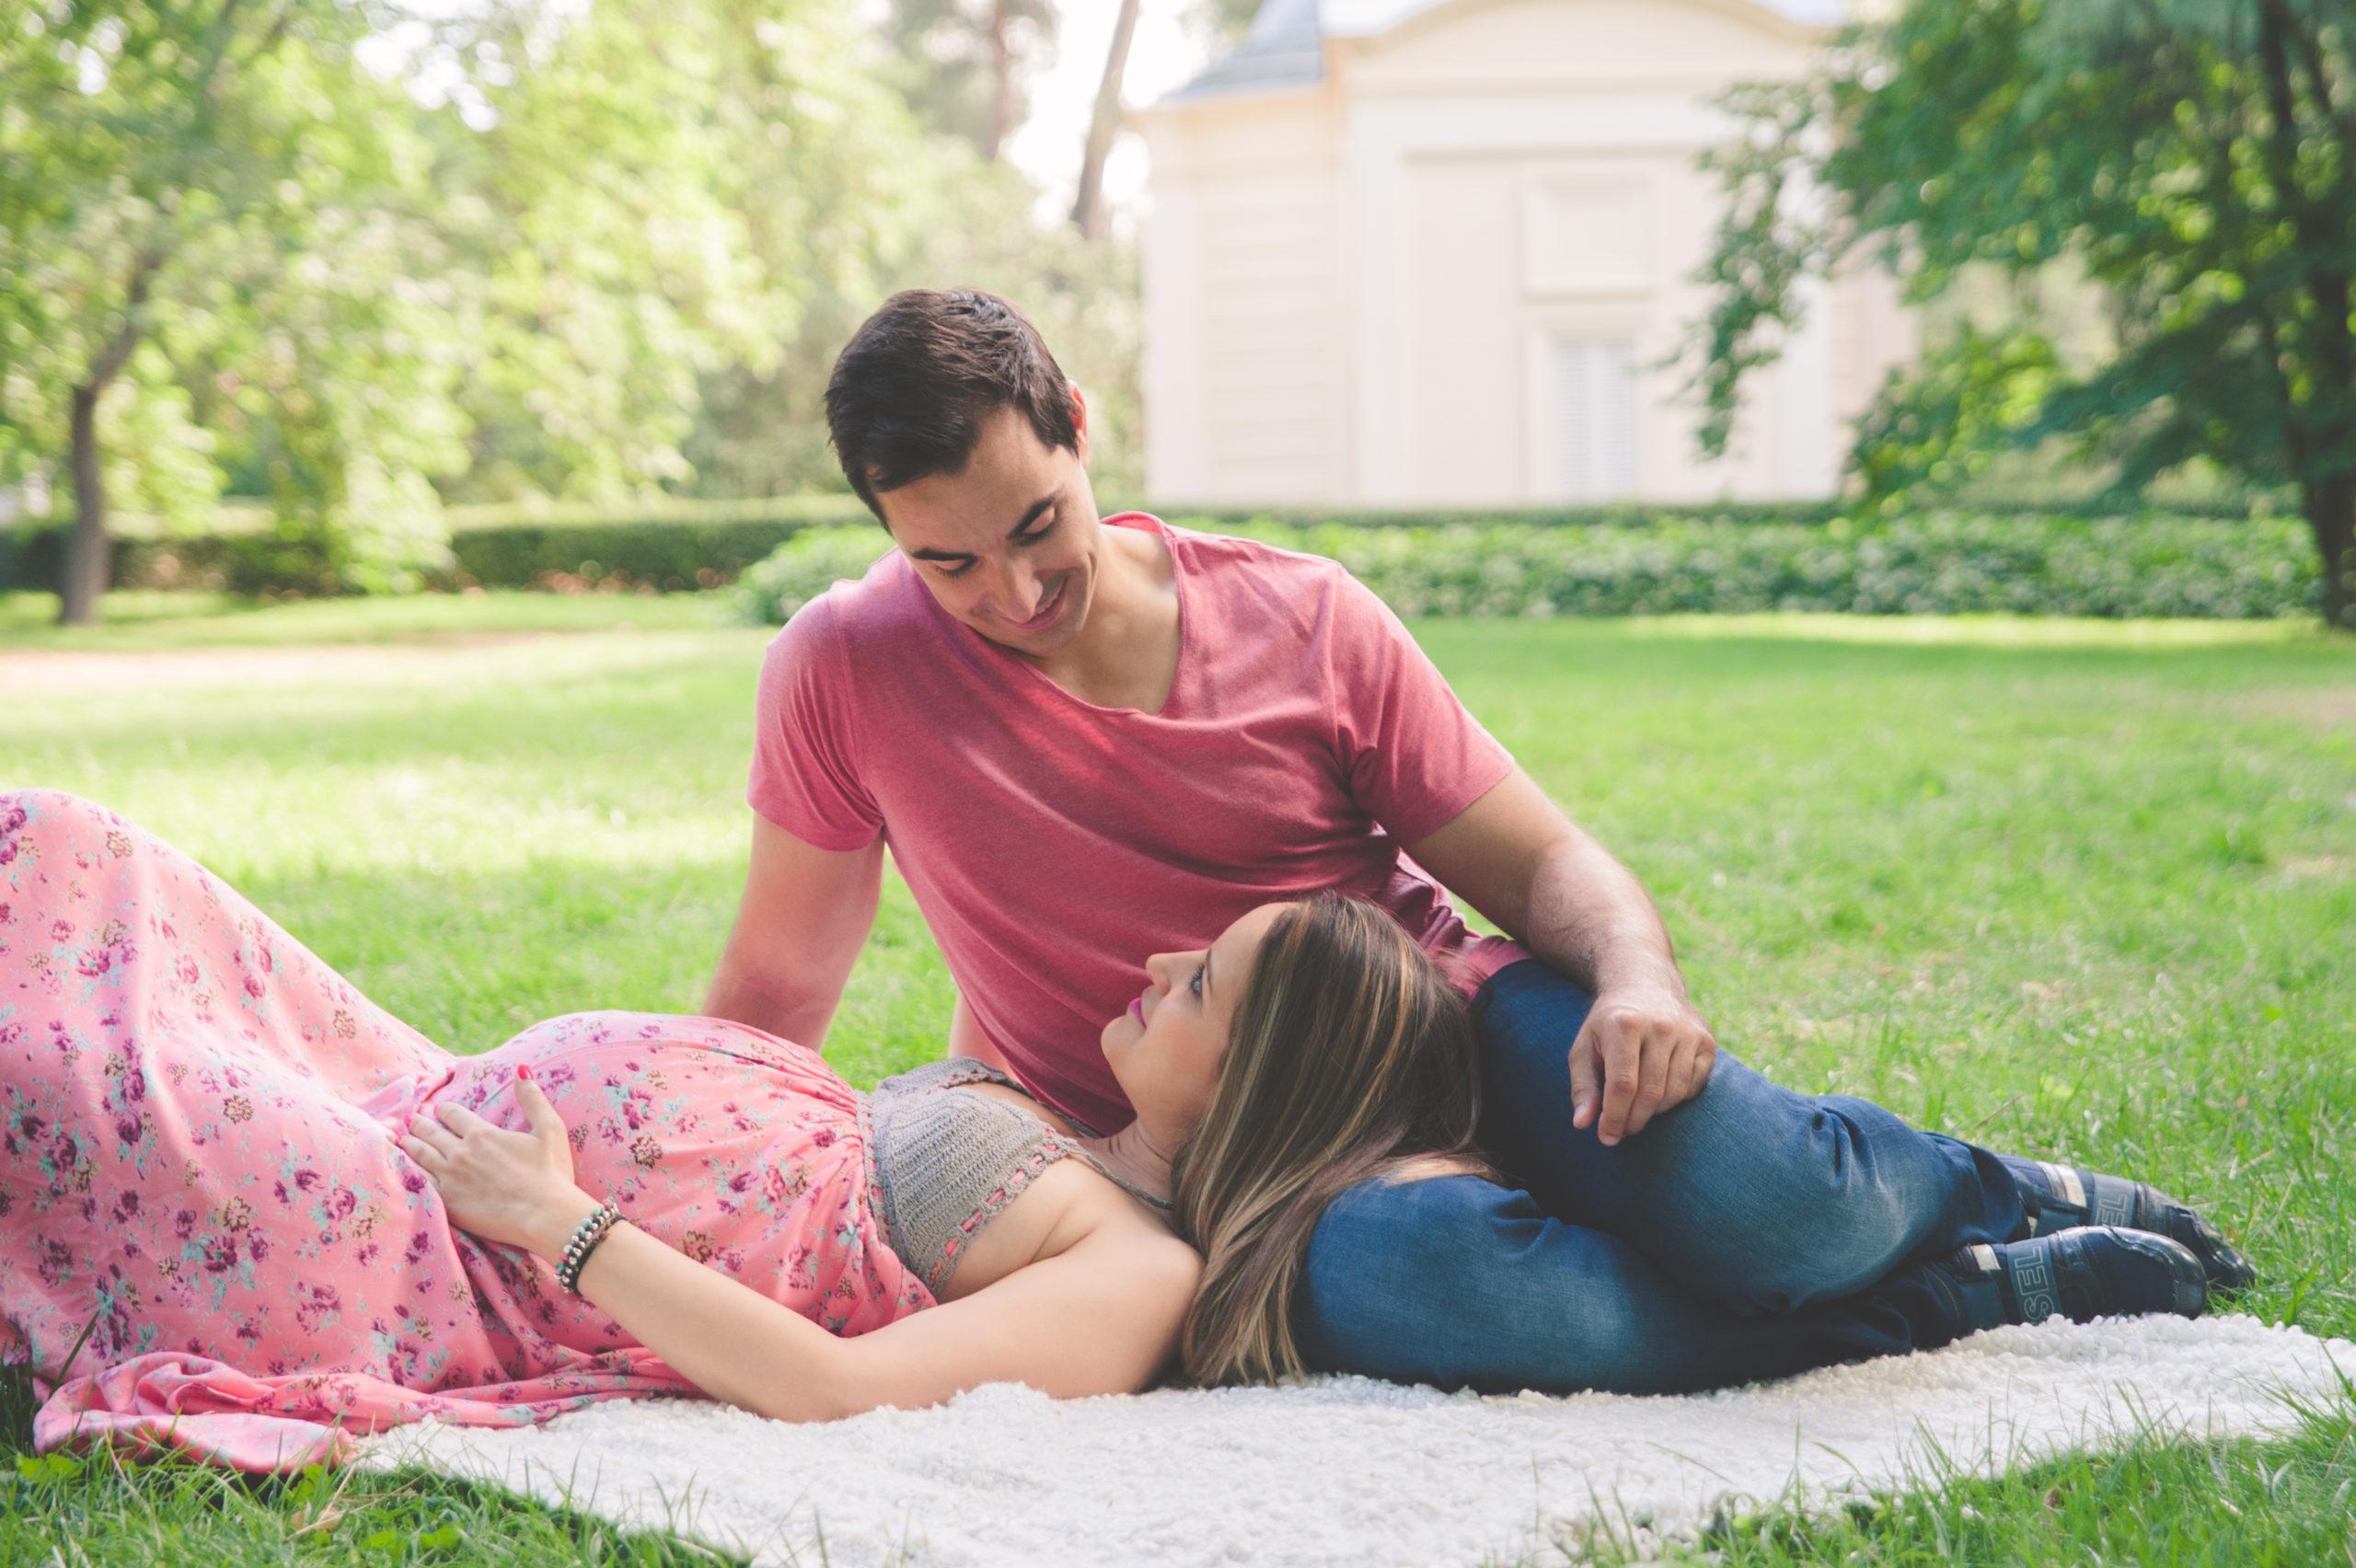 sesion-de-fotos-madrid-pareja-embarazo-exterioresF1118C91-594C-21FD-F7F9-0FE07B9075D6